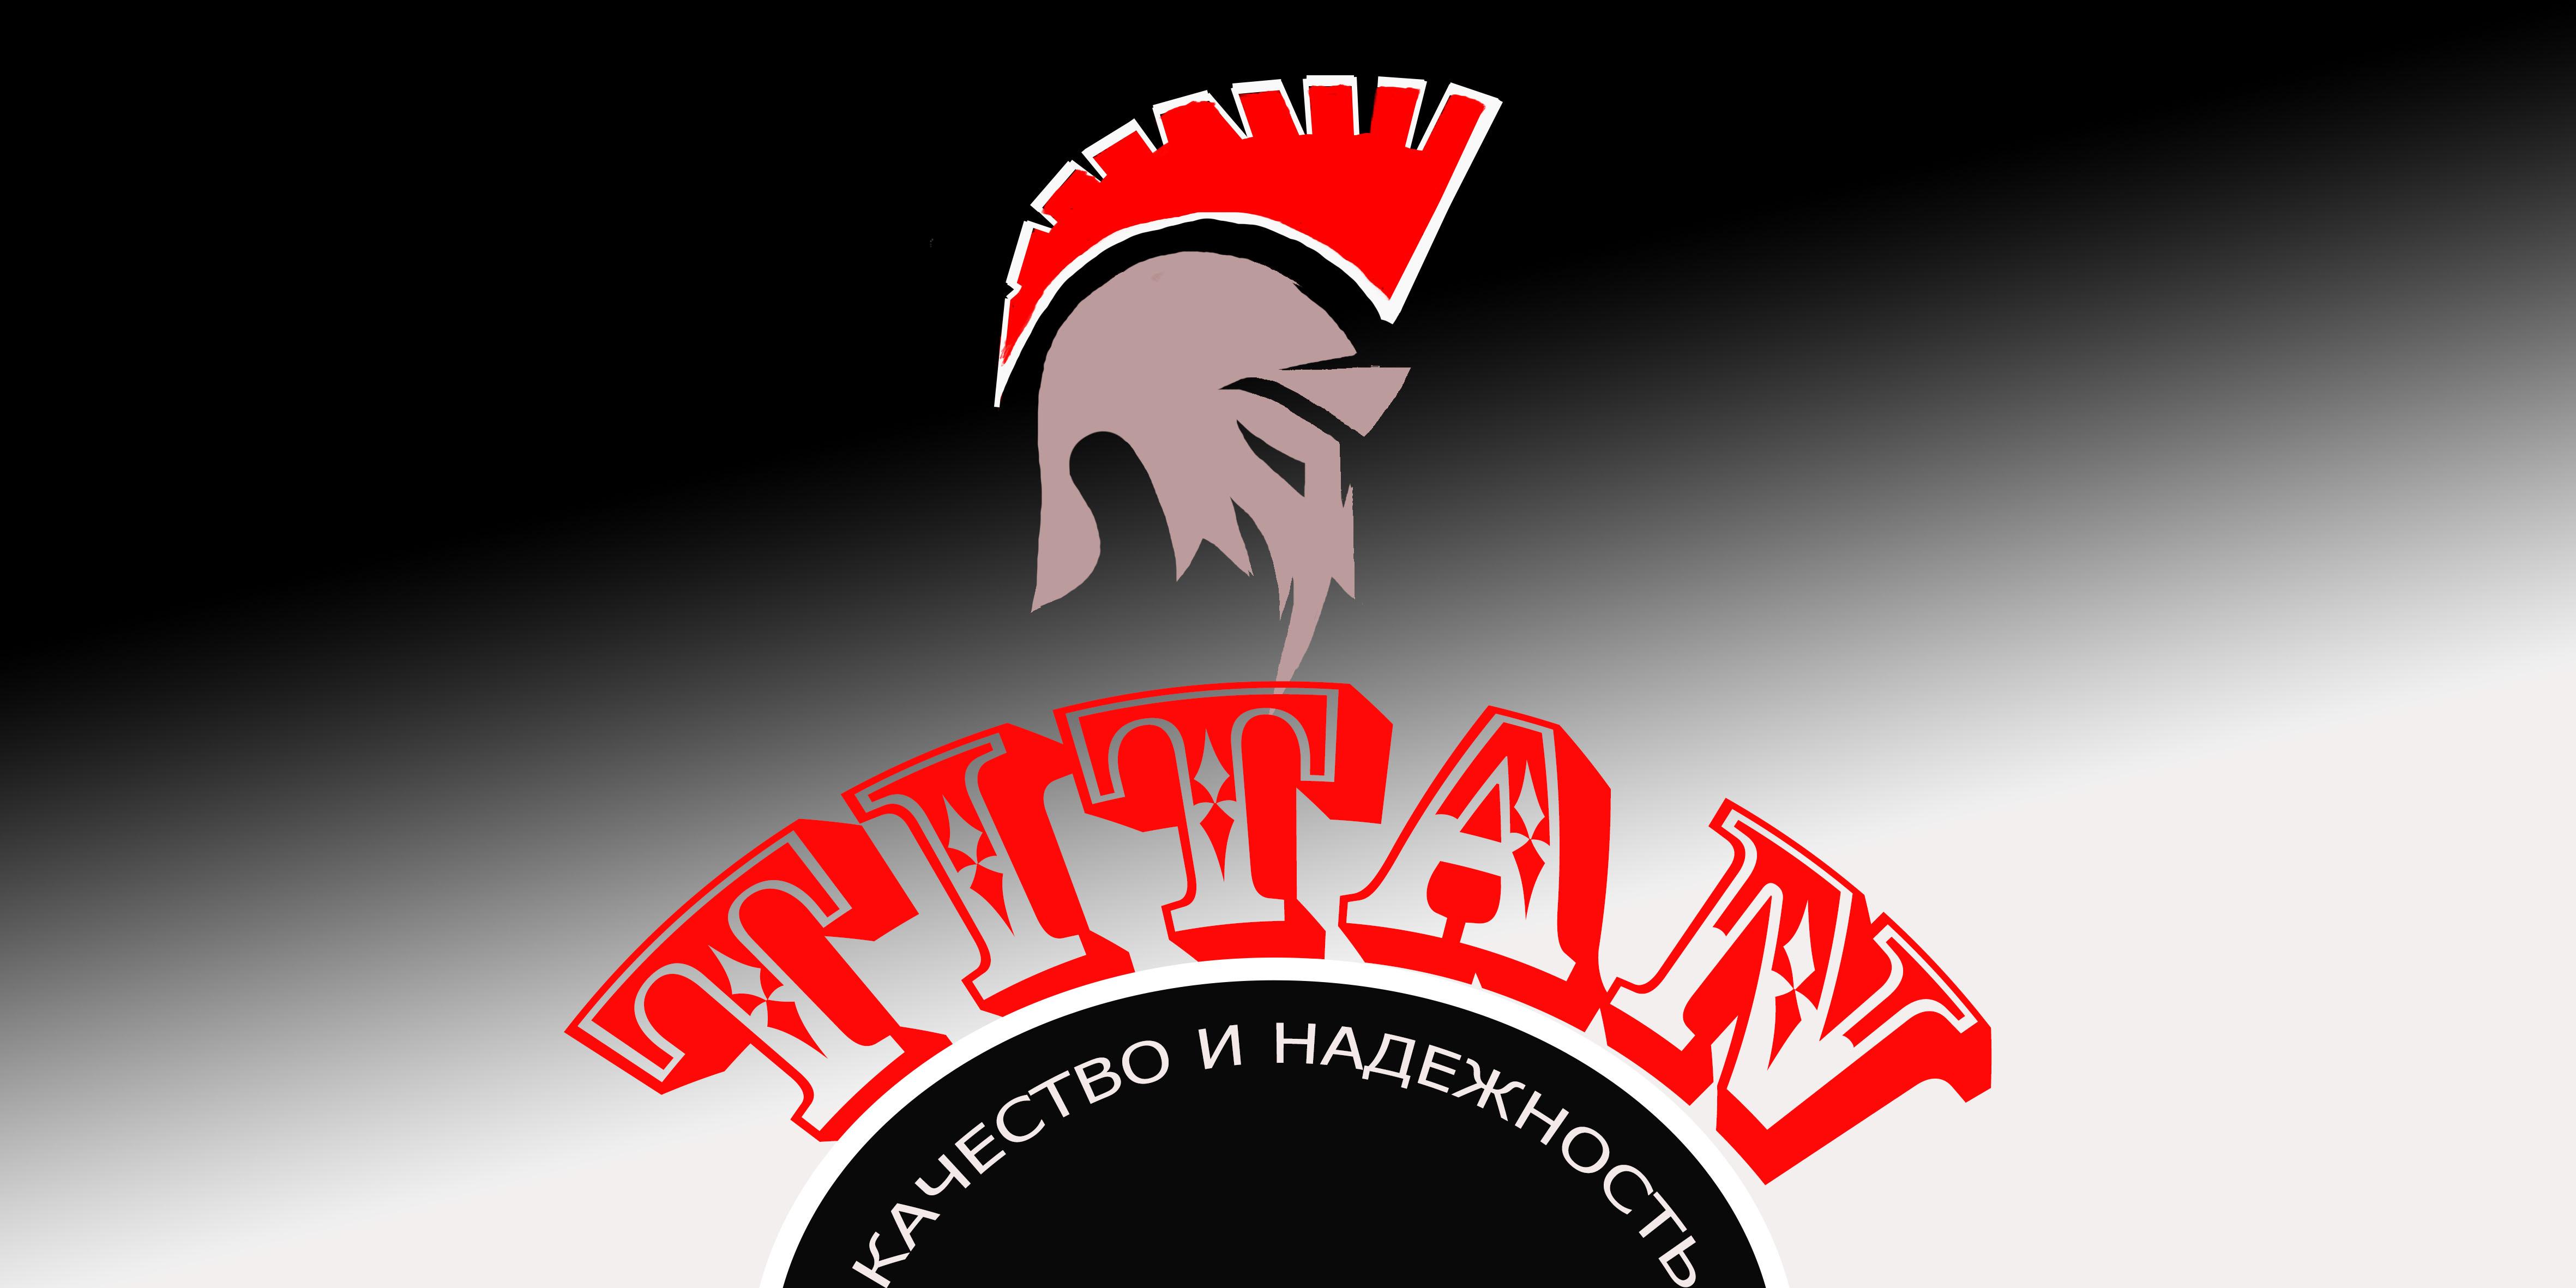 Разработка логотипа (срочно) фото f_0005d4a9f16e27d5.jpg